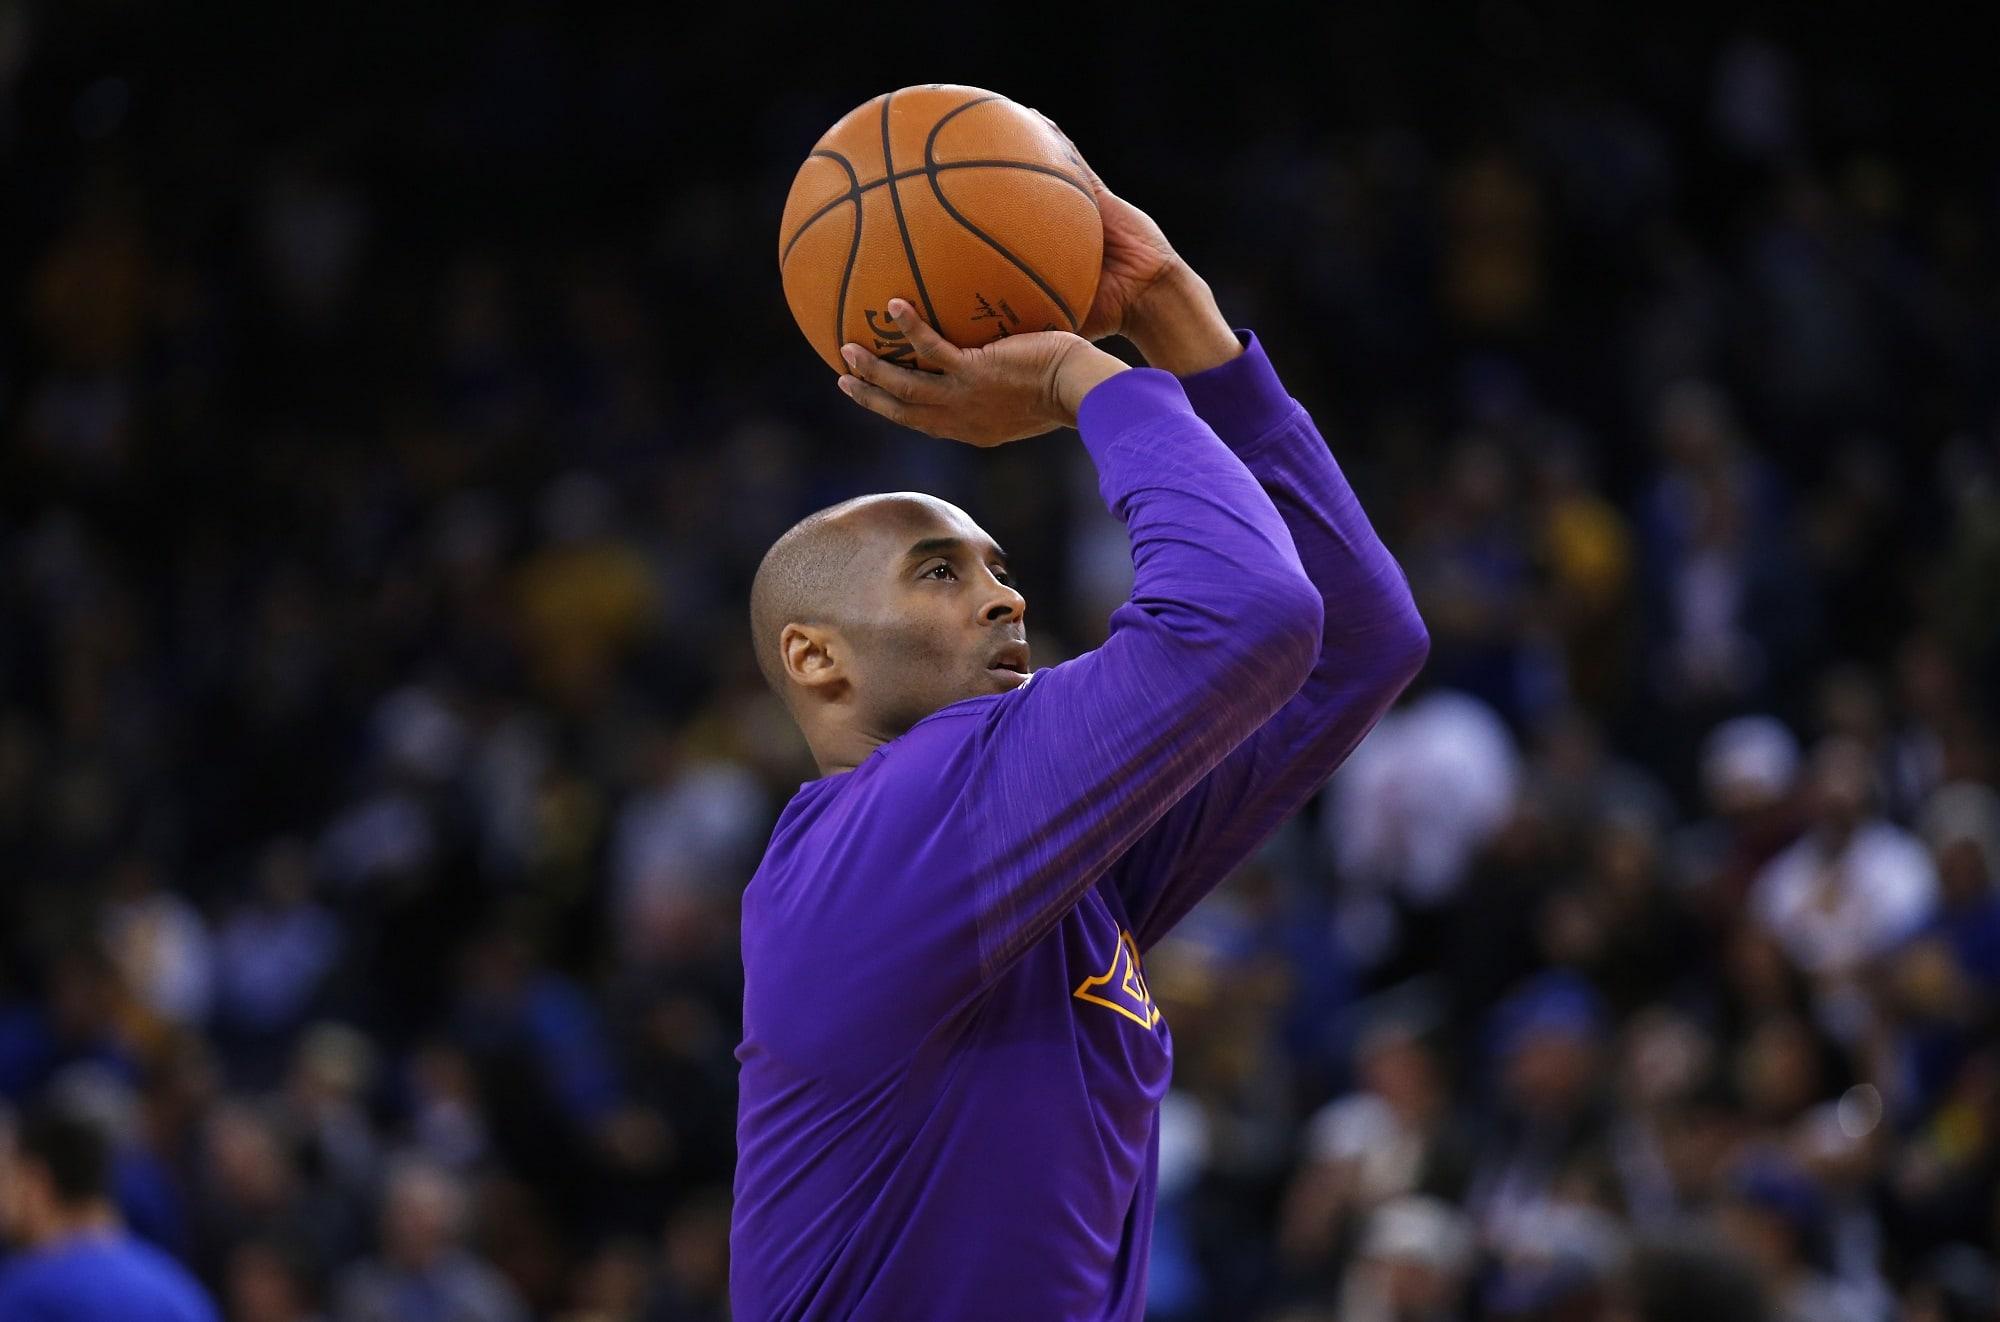 Petisi Kobe Bryant Jadi Logo Baru NBA, Jutaan Orang Beri Dukungan